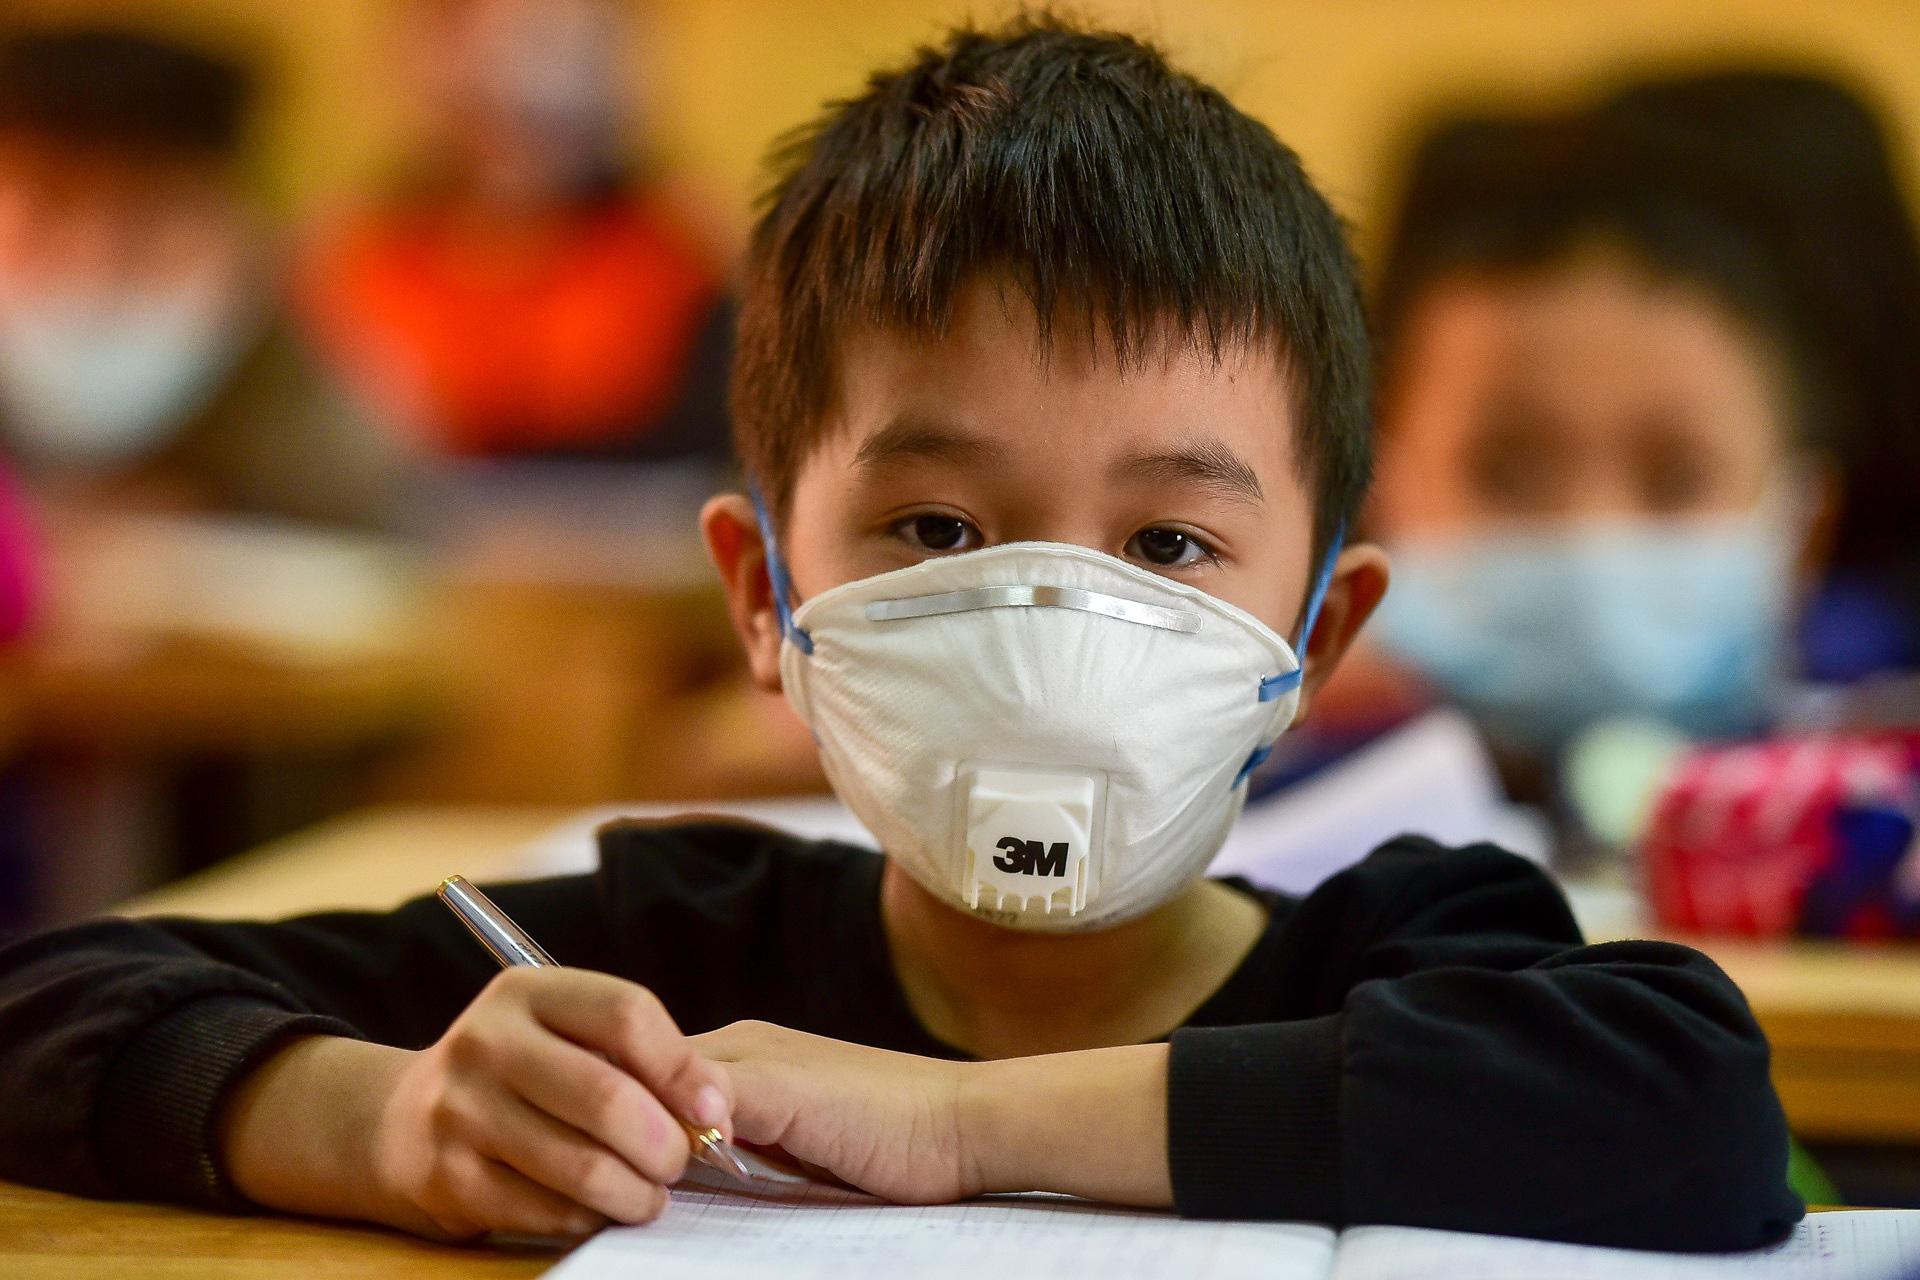 Hà Nội chuẩn bị khẩu trang miễn phí cho 2 triệu học sinh nhập học trong tuần tới - Ảnh 1.